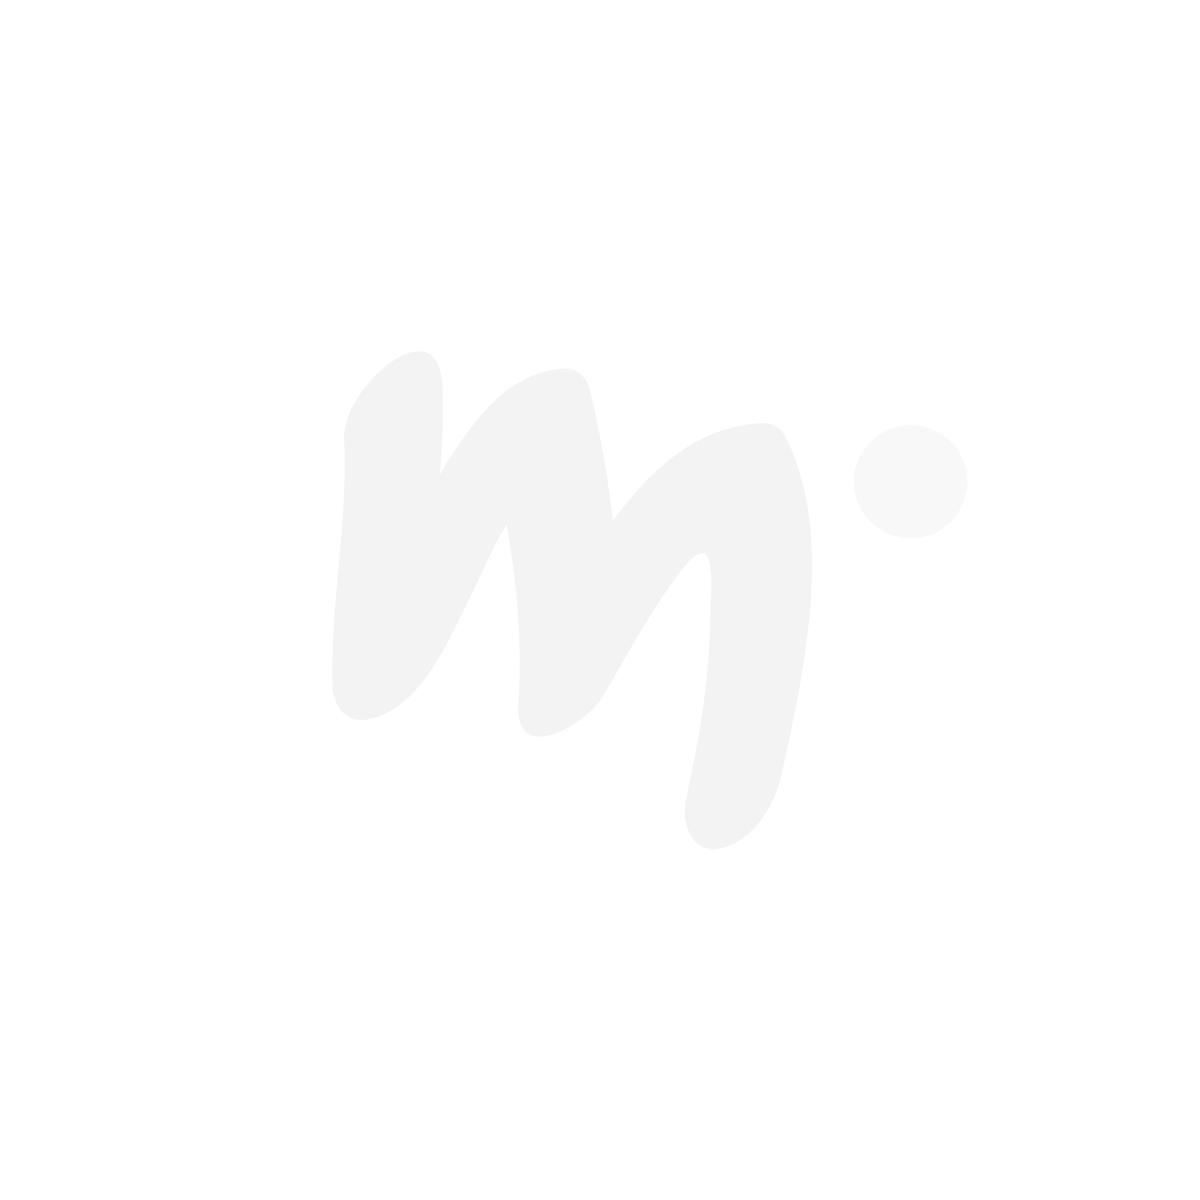 Peppi Pitkätossu Pilkukas-tunika vihreä